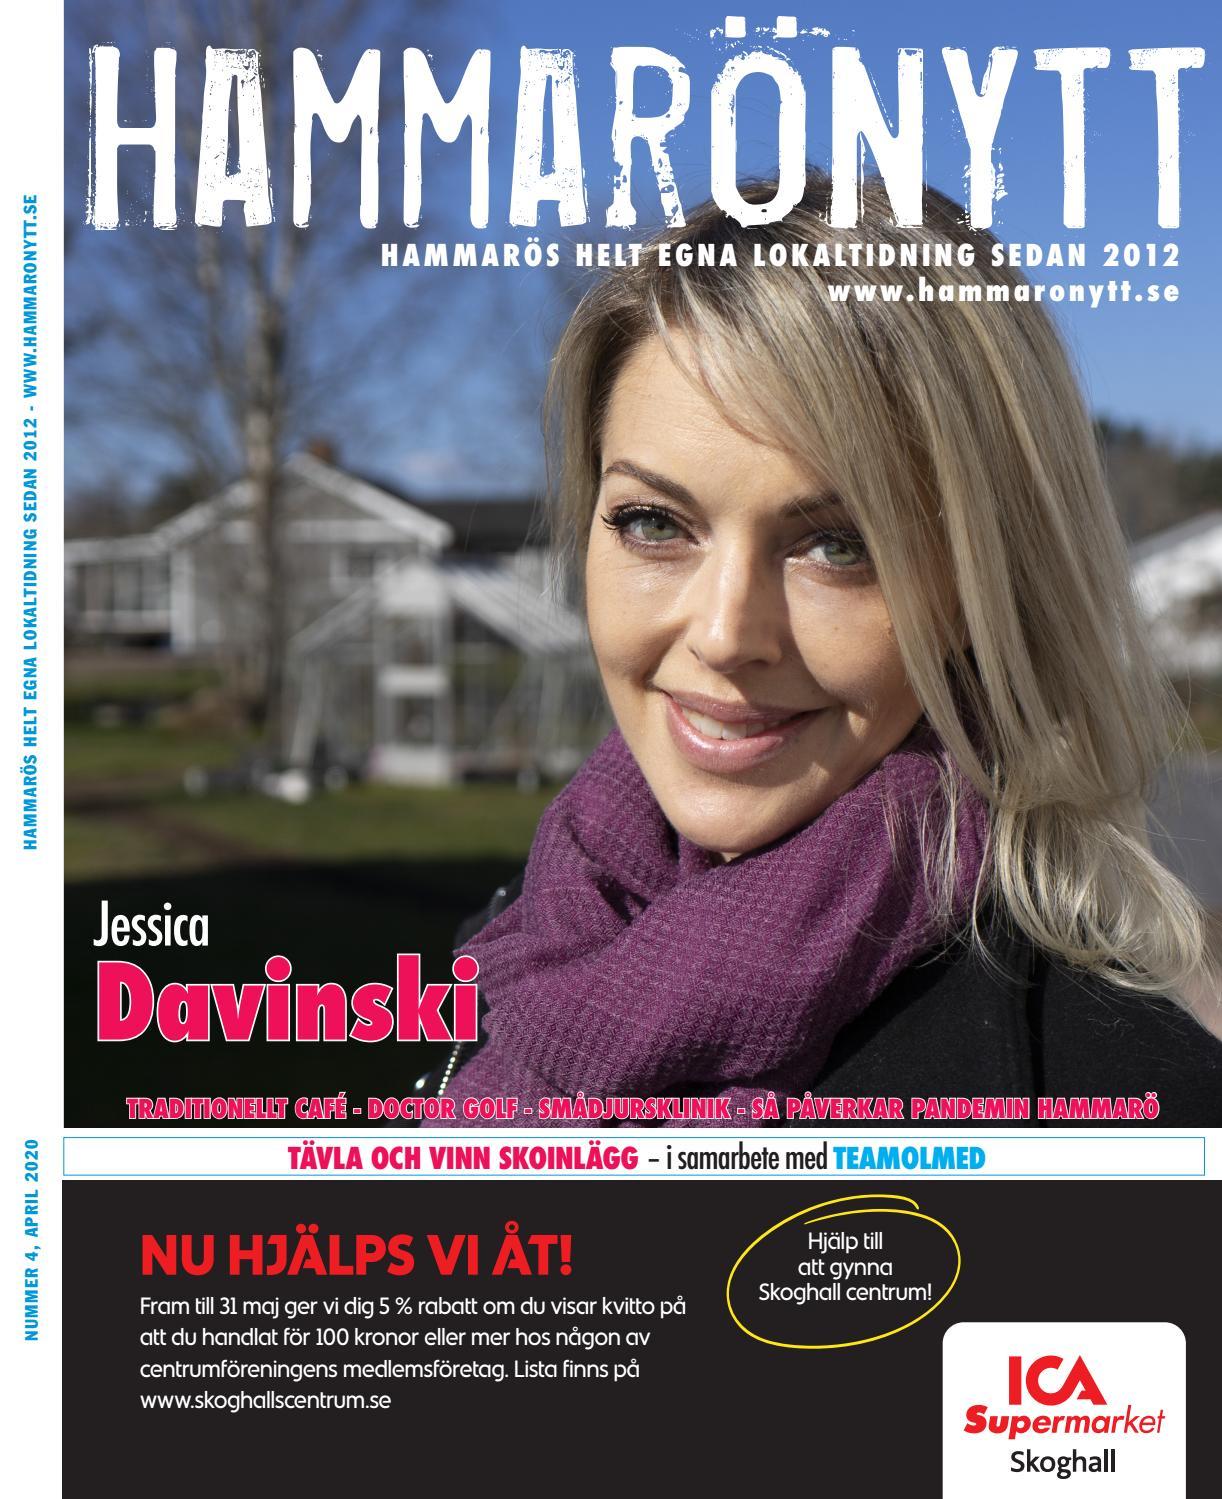 Escort 18 År Hammarö Sexleksaker På Nätet Sex Free